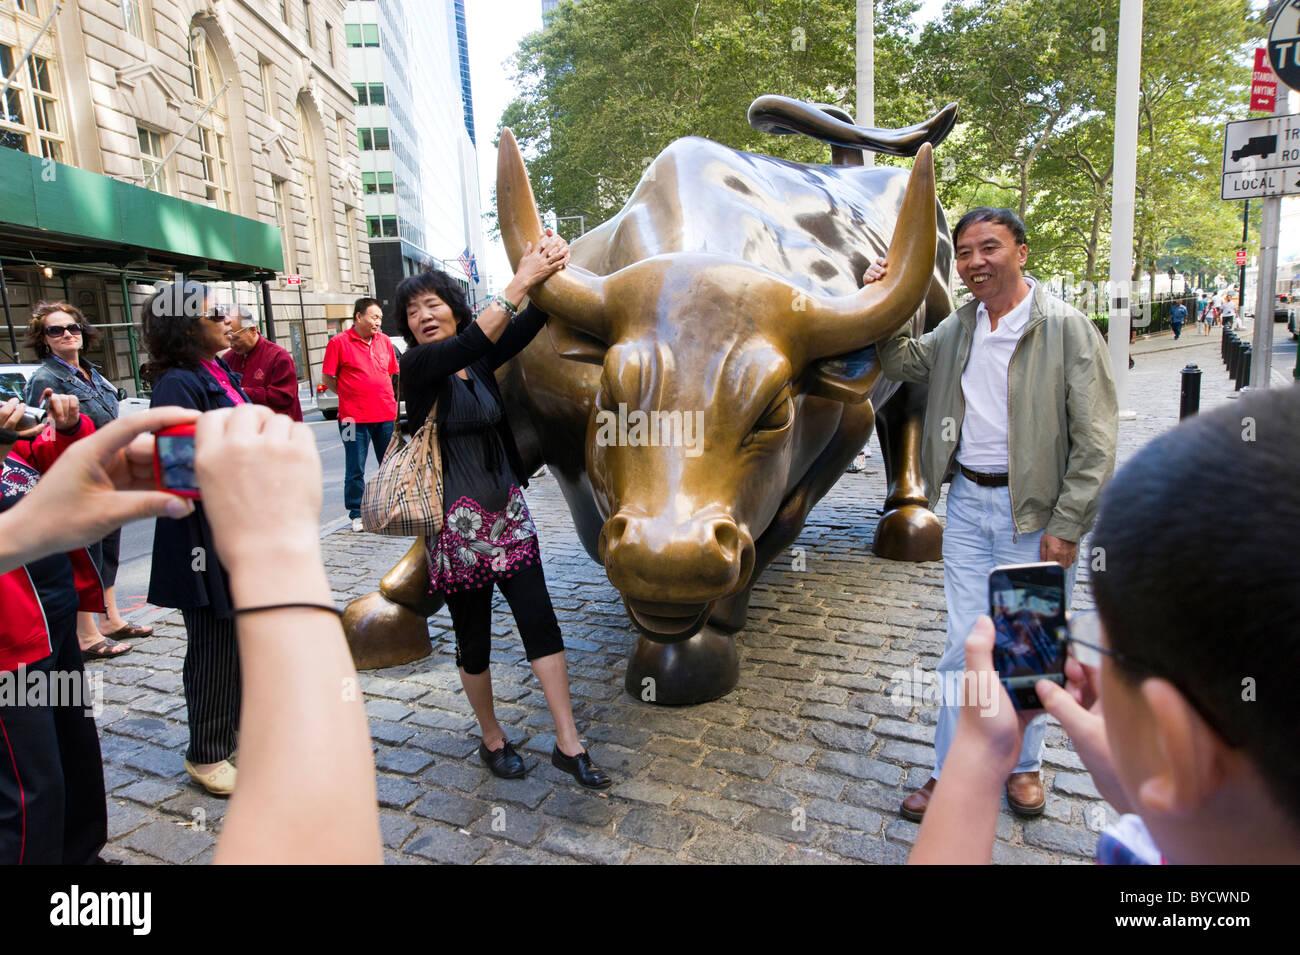 Touristen posieren für Fotos neben der Ladestation Stier Skulptur in der Nähe von Wall Street, New York Stockbild